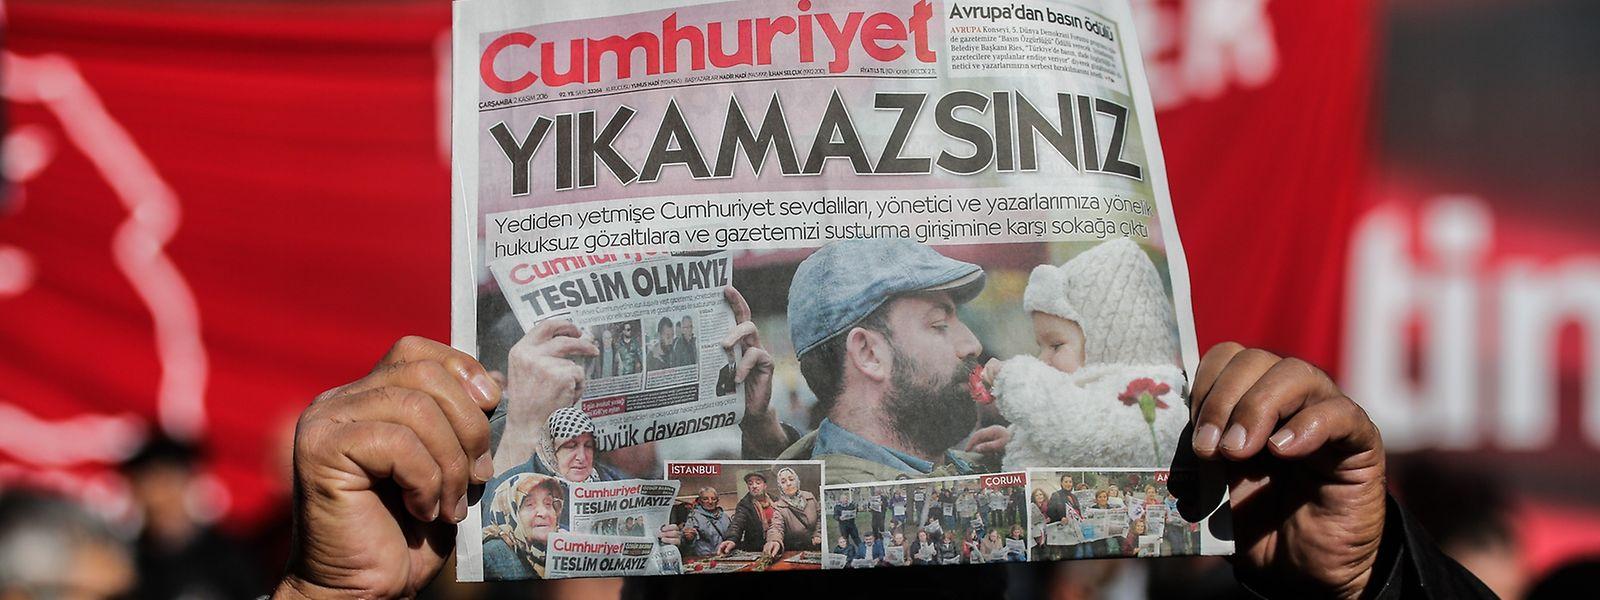 """Mitarbieter der regierungskritischen Zeitung """"Cumhuriyet"""" wurden verhaftet."""